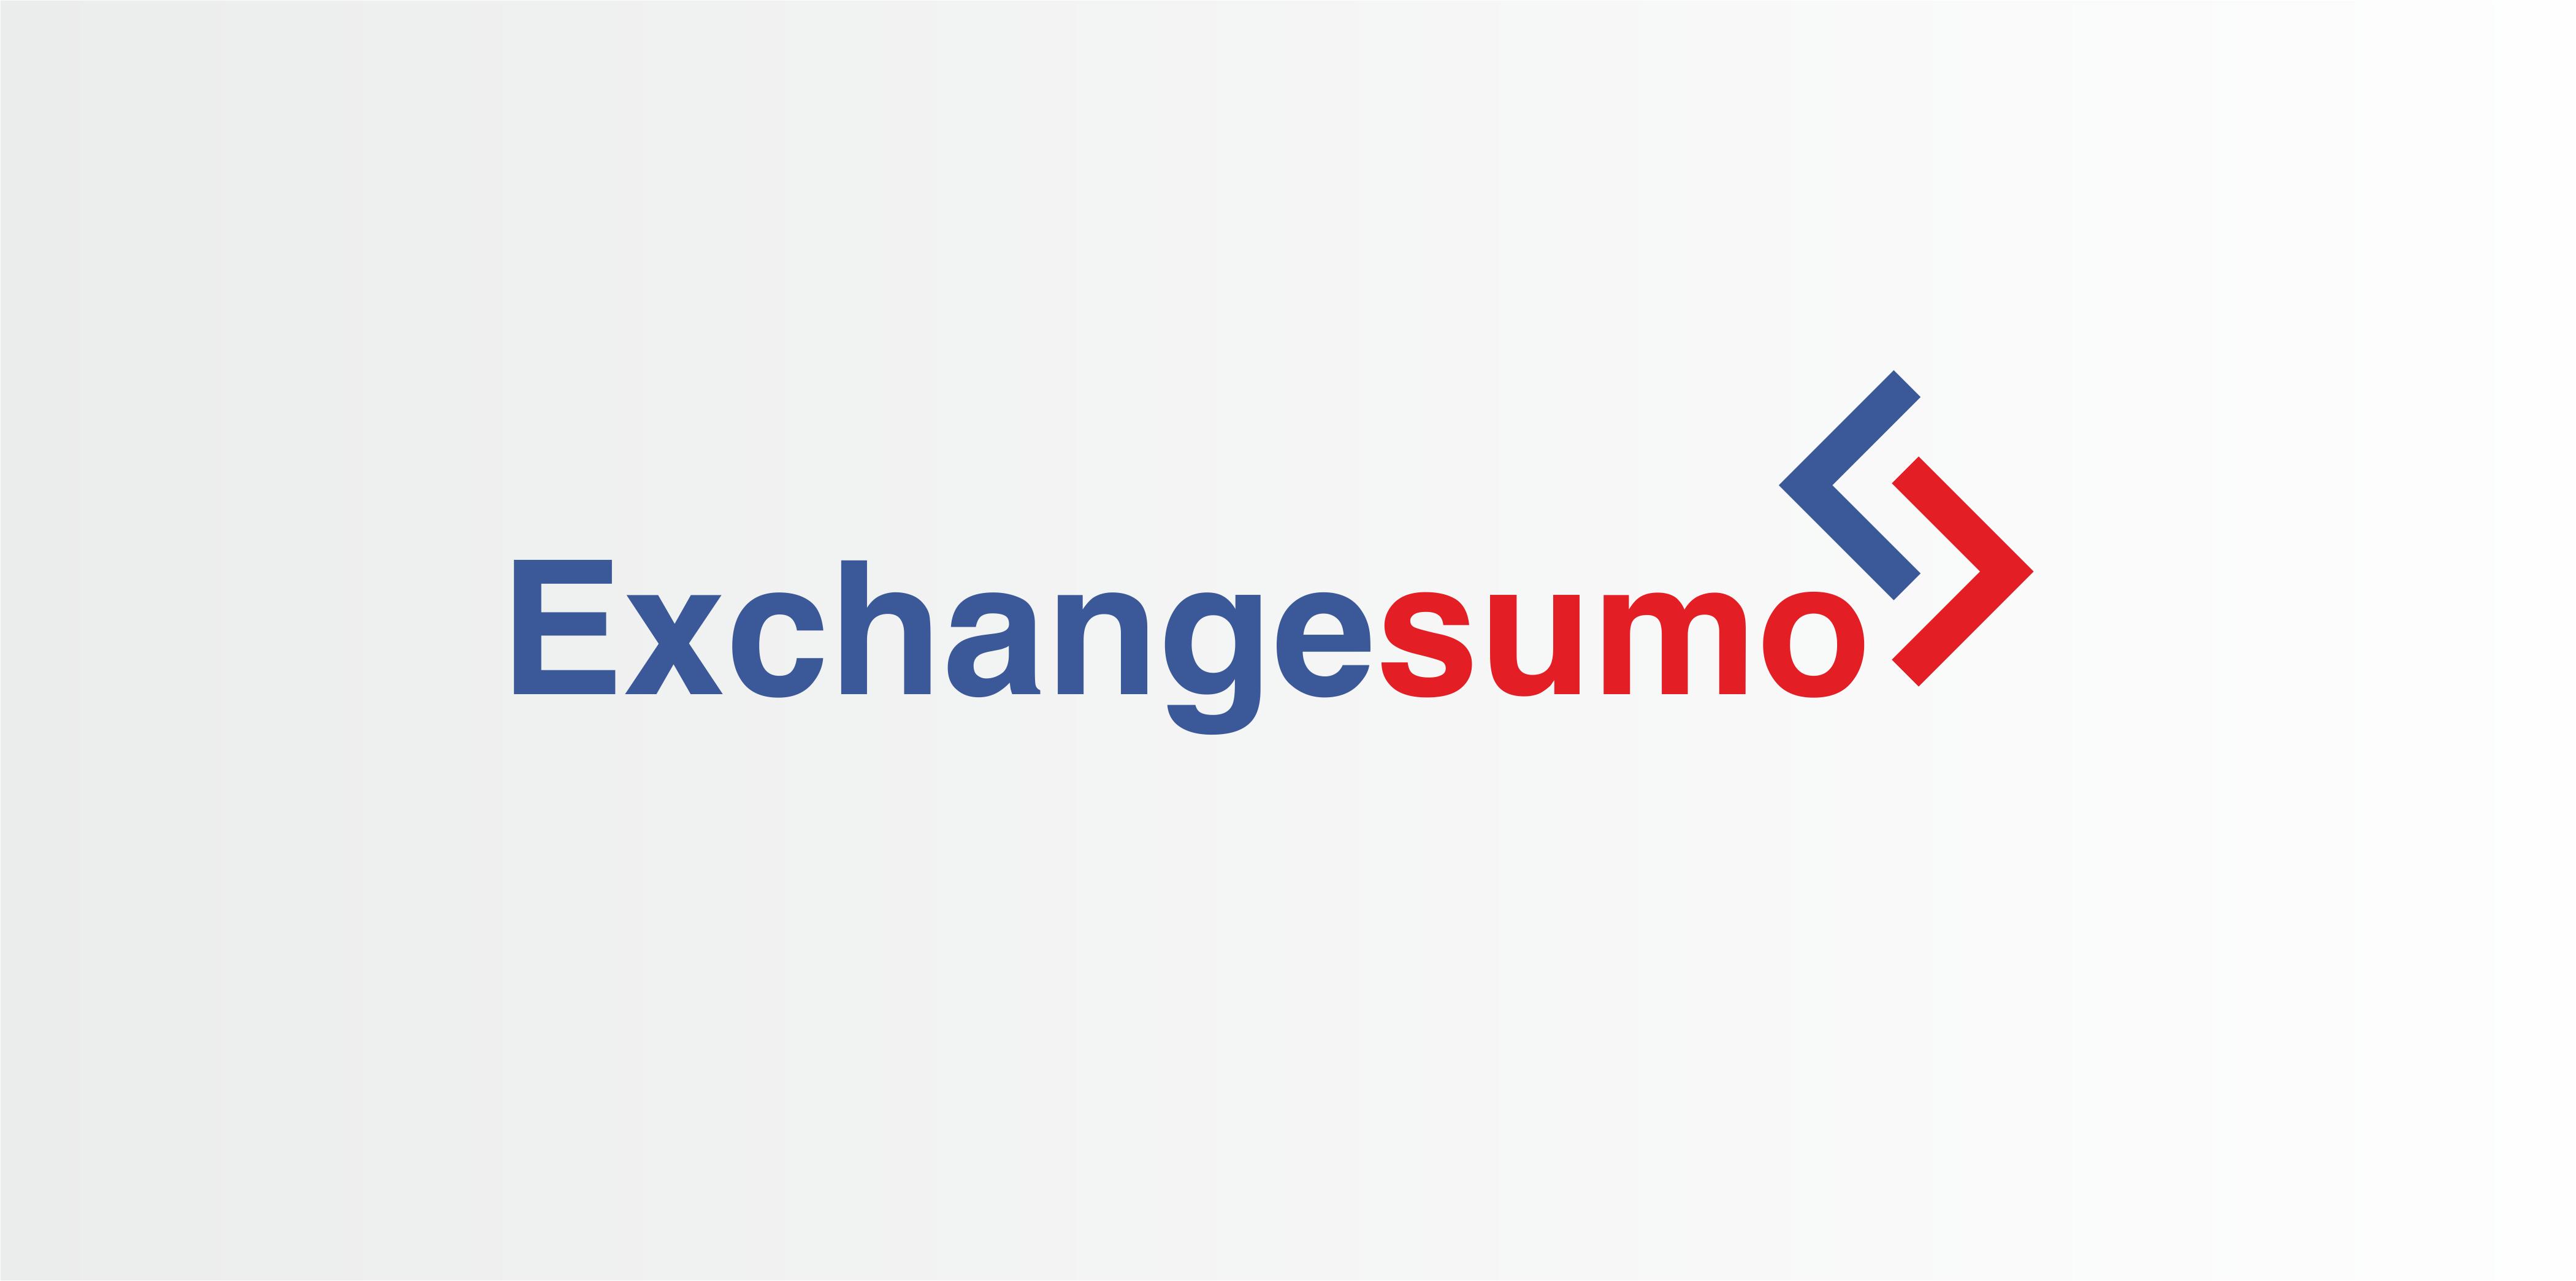 Логотип для мониторинга обменников фото f_5445bacb048a9491.png